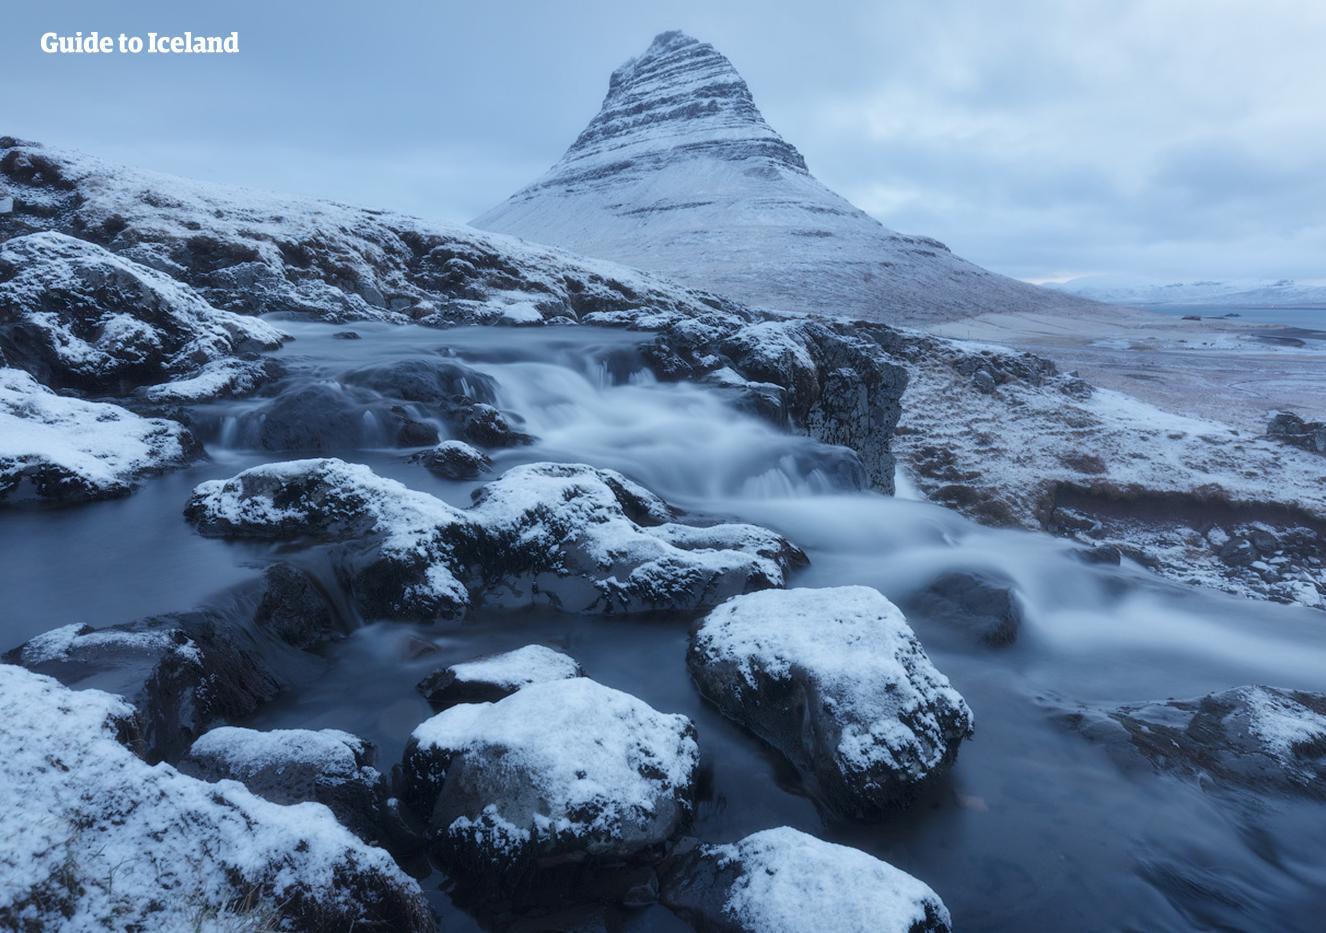 Kirkjufell om vinteren blev brugt i Game of Thrones som et sted, der lå nord for muren.